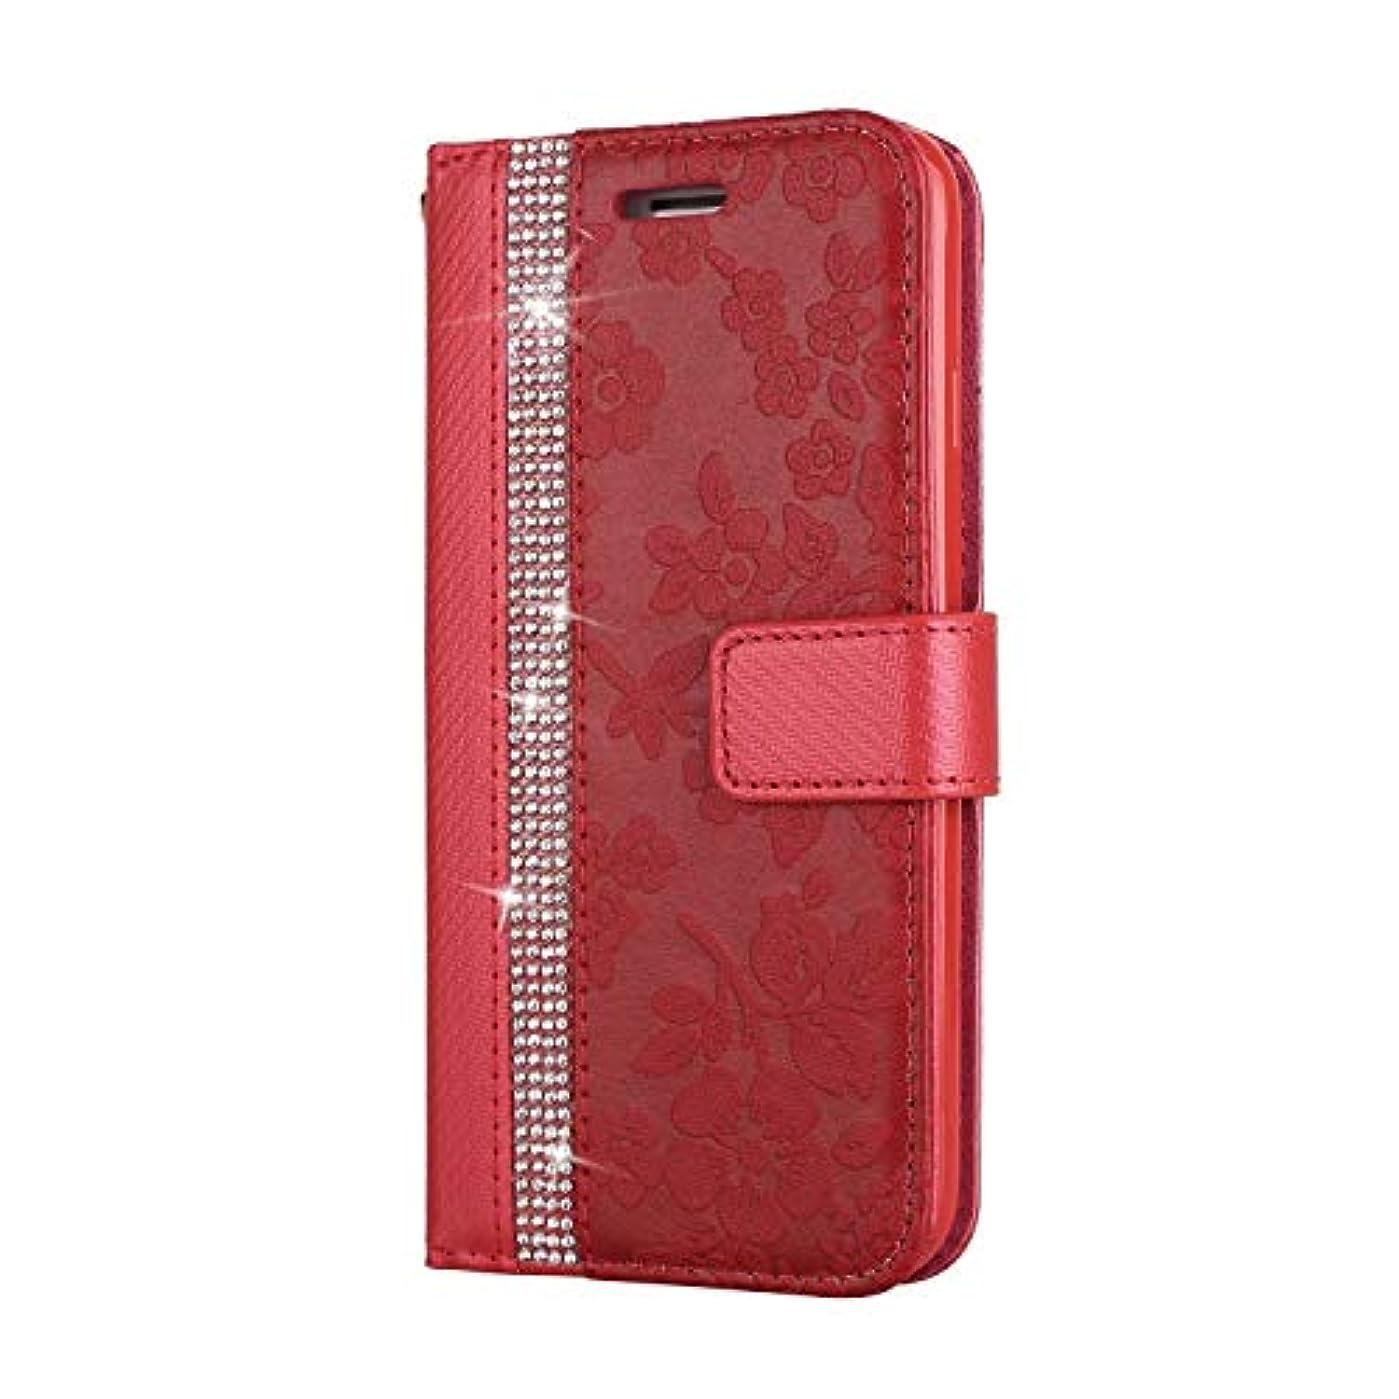 まともなバウンス同意CUNUS iPhone 7 / iPhone 8 用 ウォレット ケース, プレミアム PUレザー 全面保護 ケース 耐衝撃 スタンド機能 耐汚れ カード収納 カバー, レッド